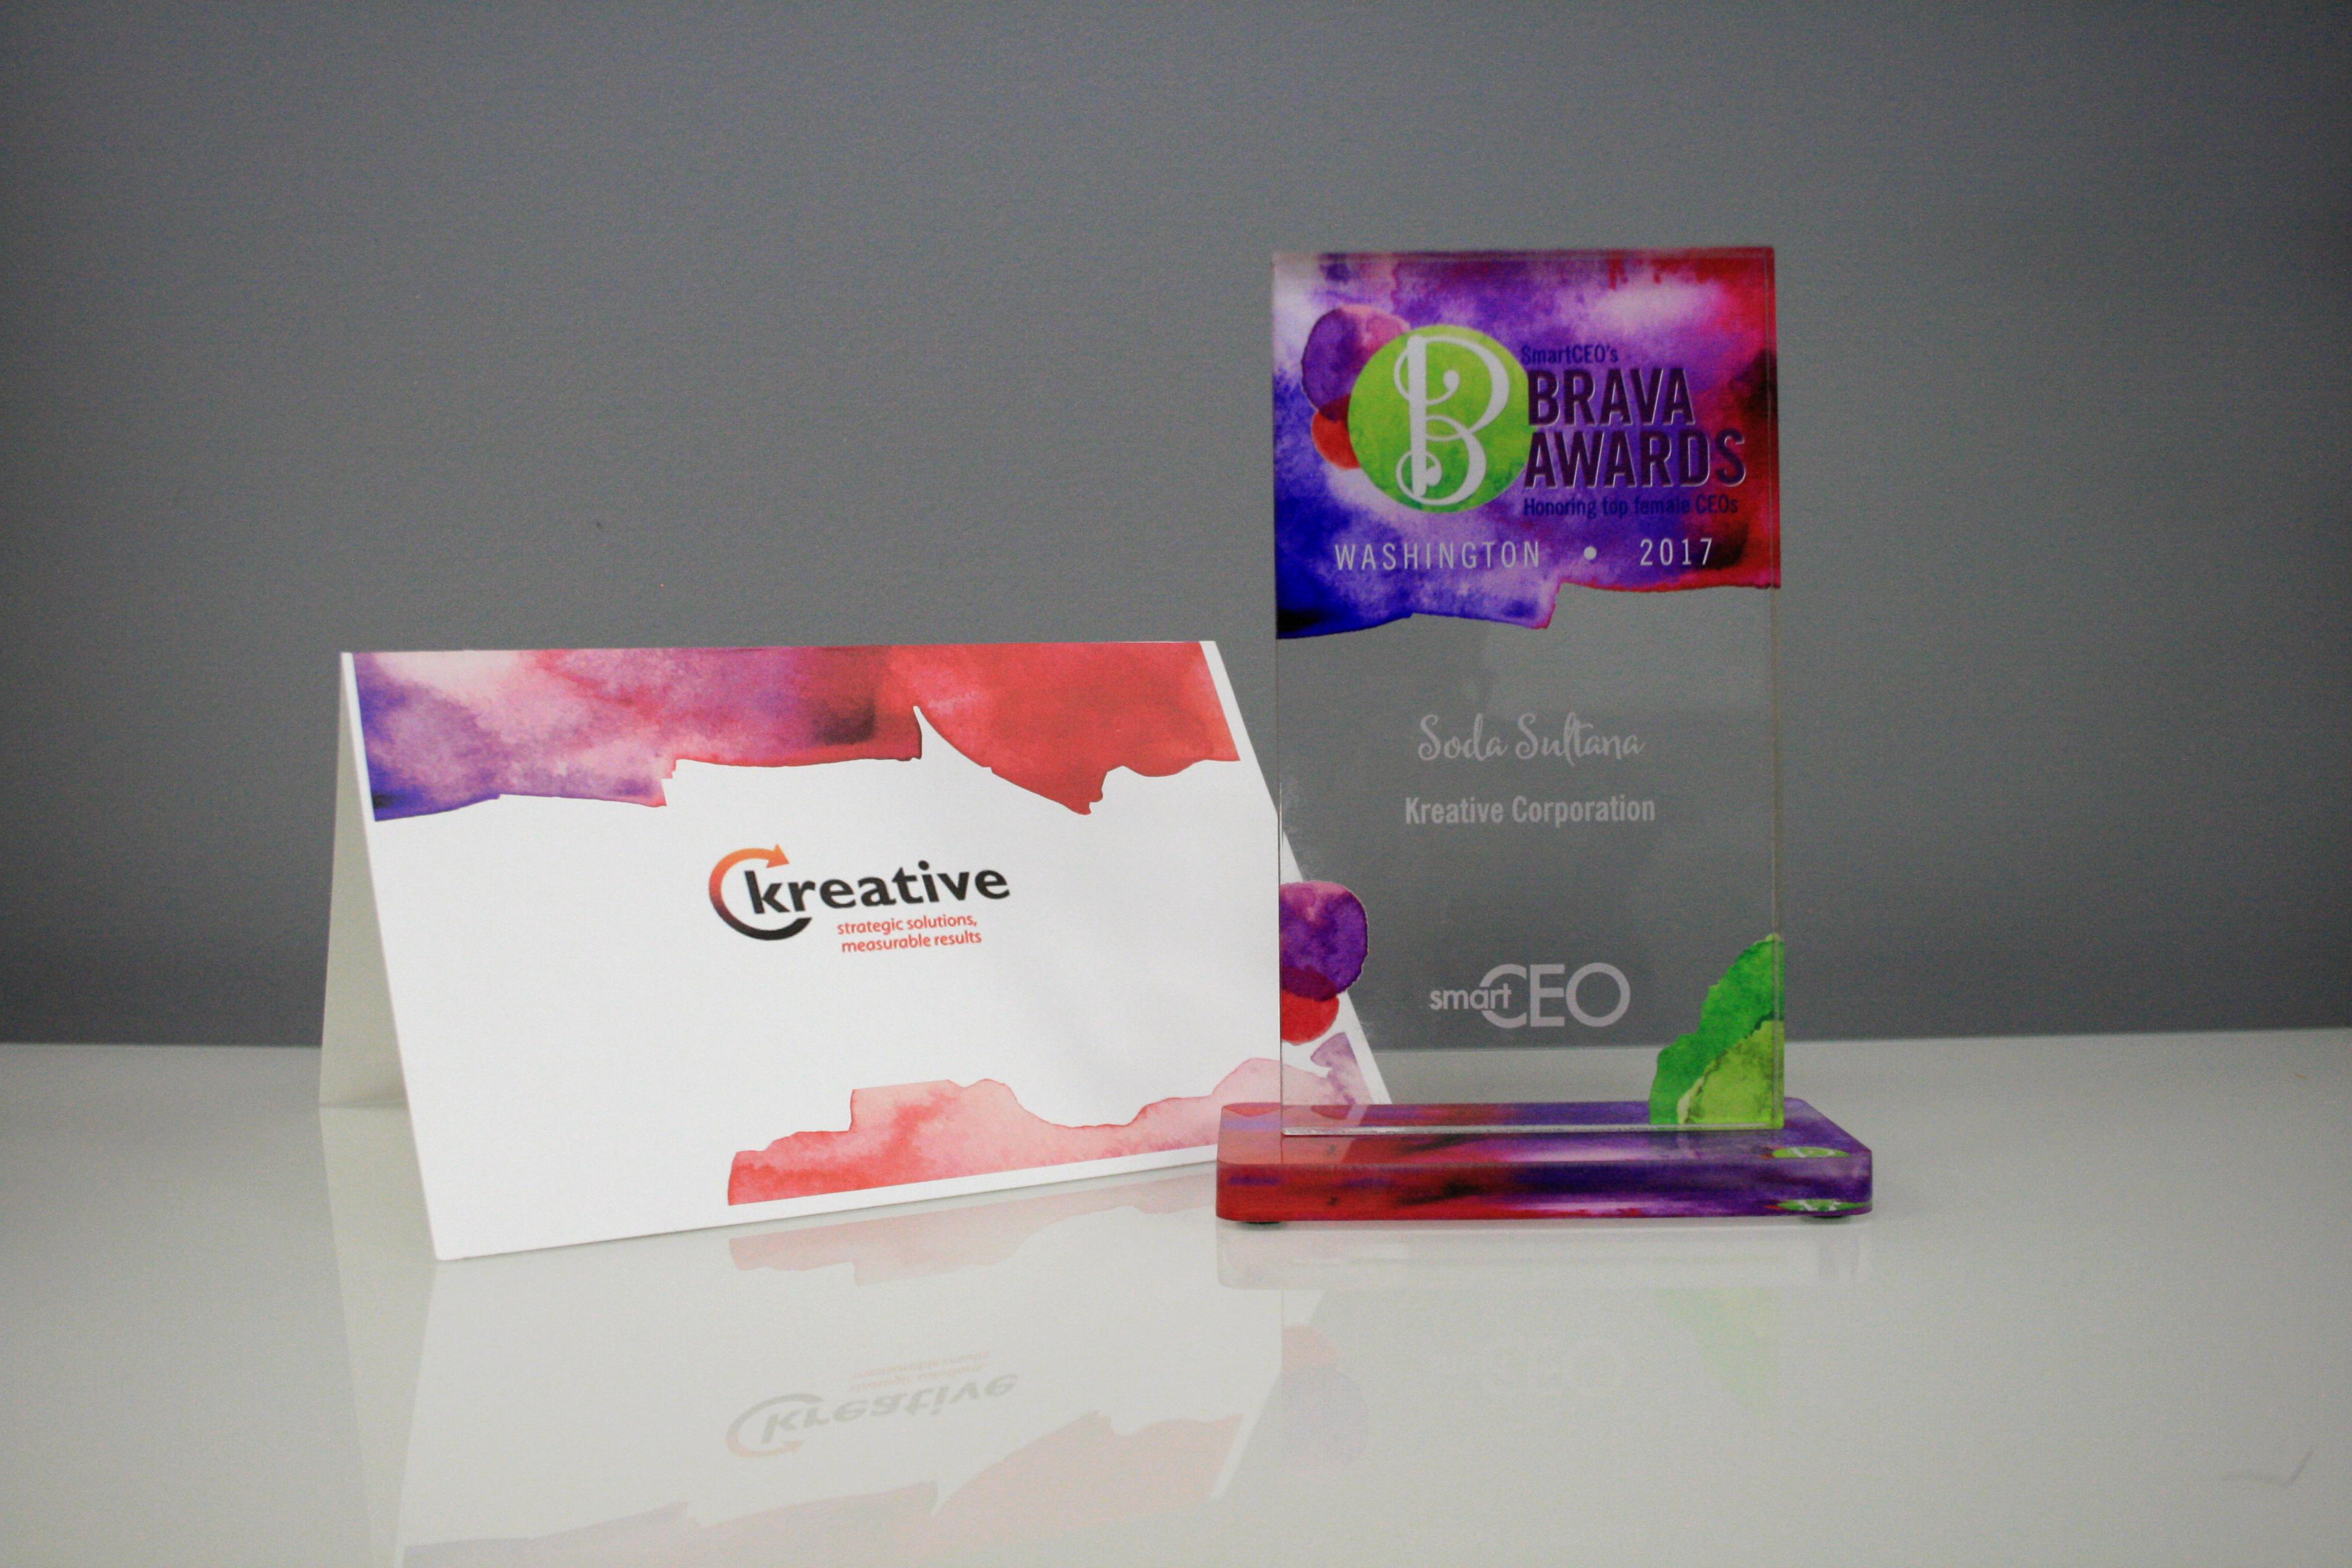 Smart CEO BRAVA Award